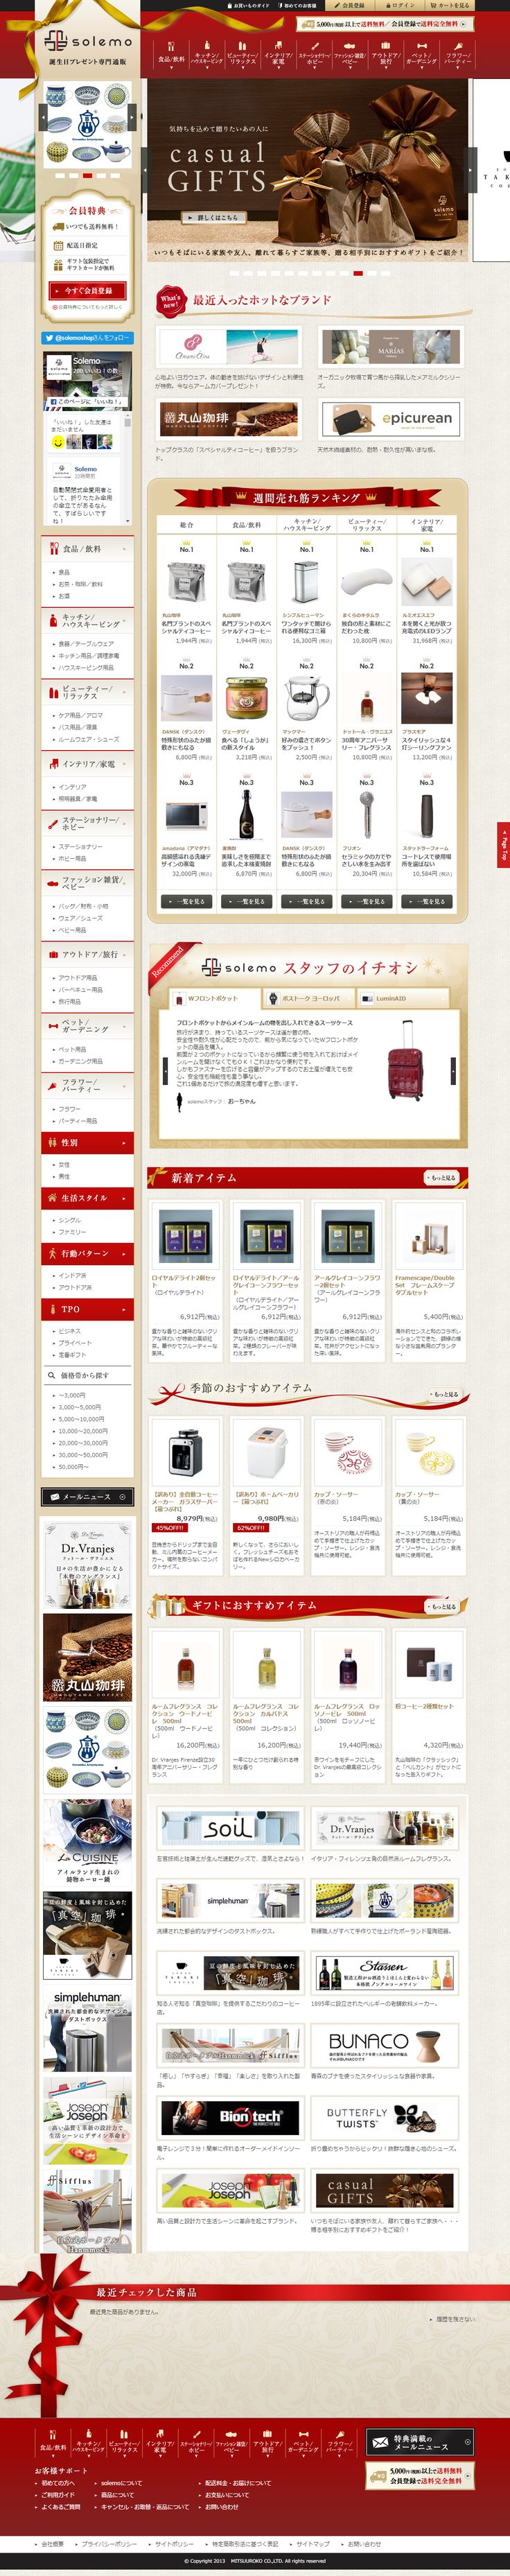 solemo(ソレモ)通販 #EC #ベージュ系 #ラグジュアリー #赤系 http://solemo.jp/shop/